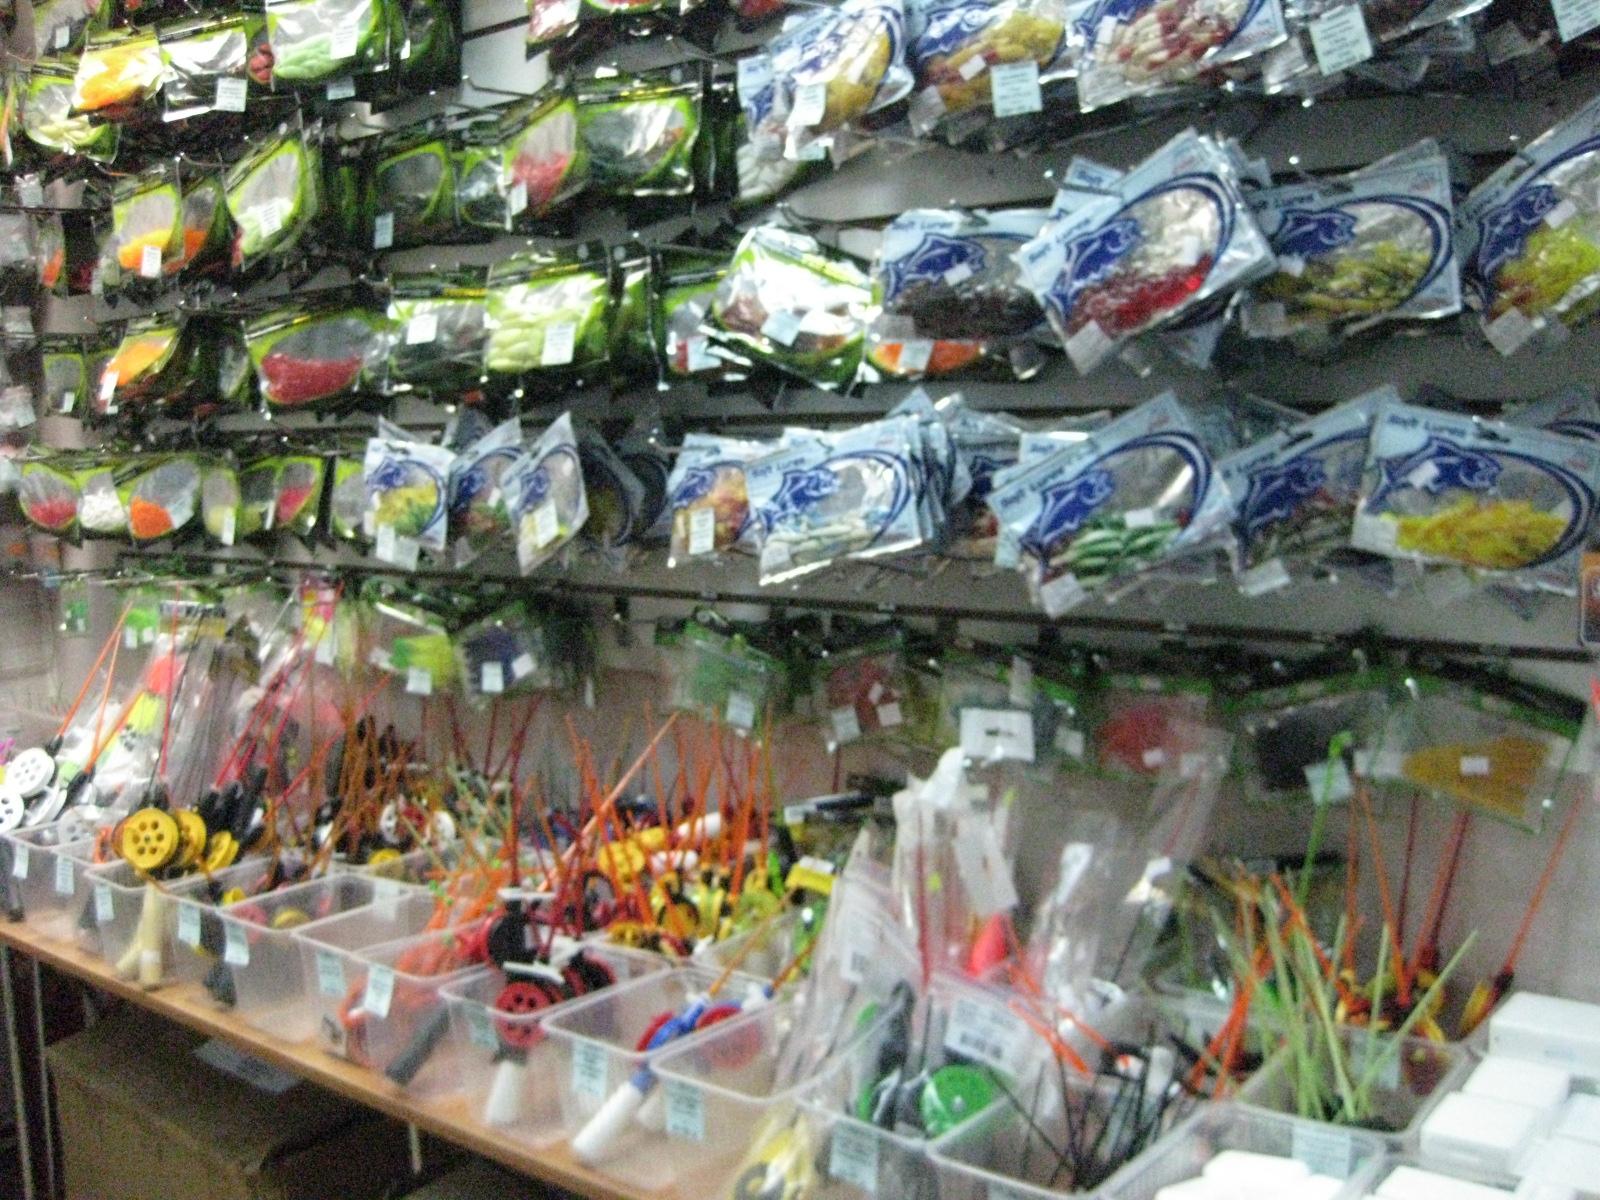 работа вакансии рыболовные товары